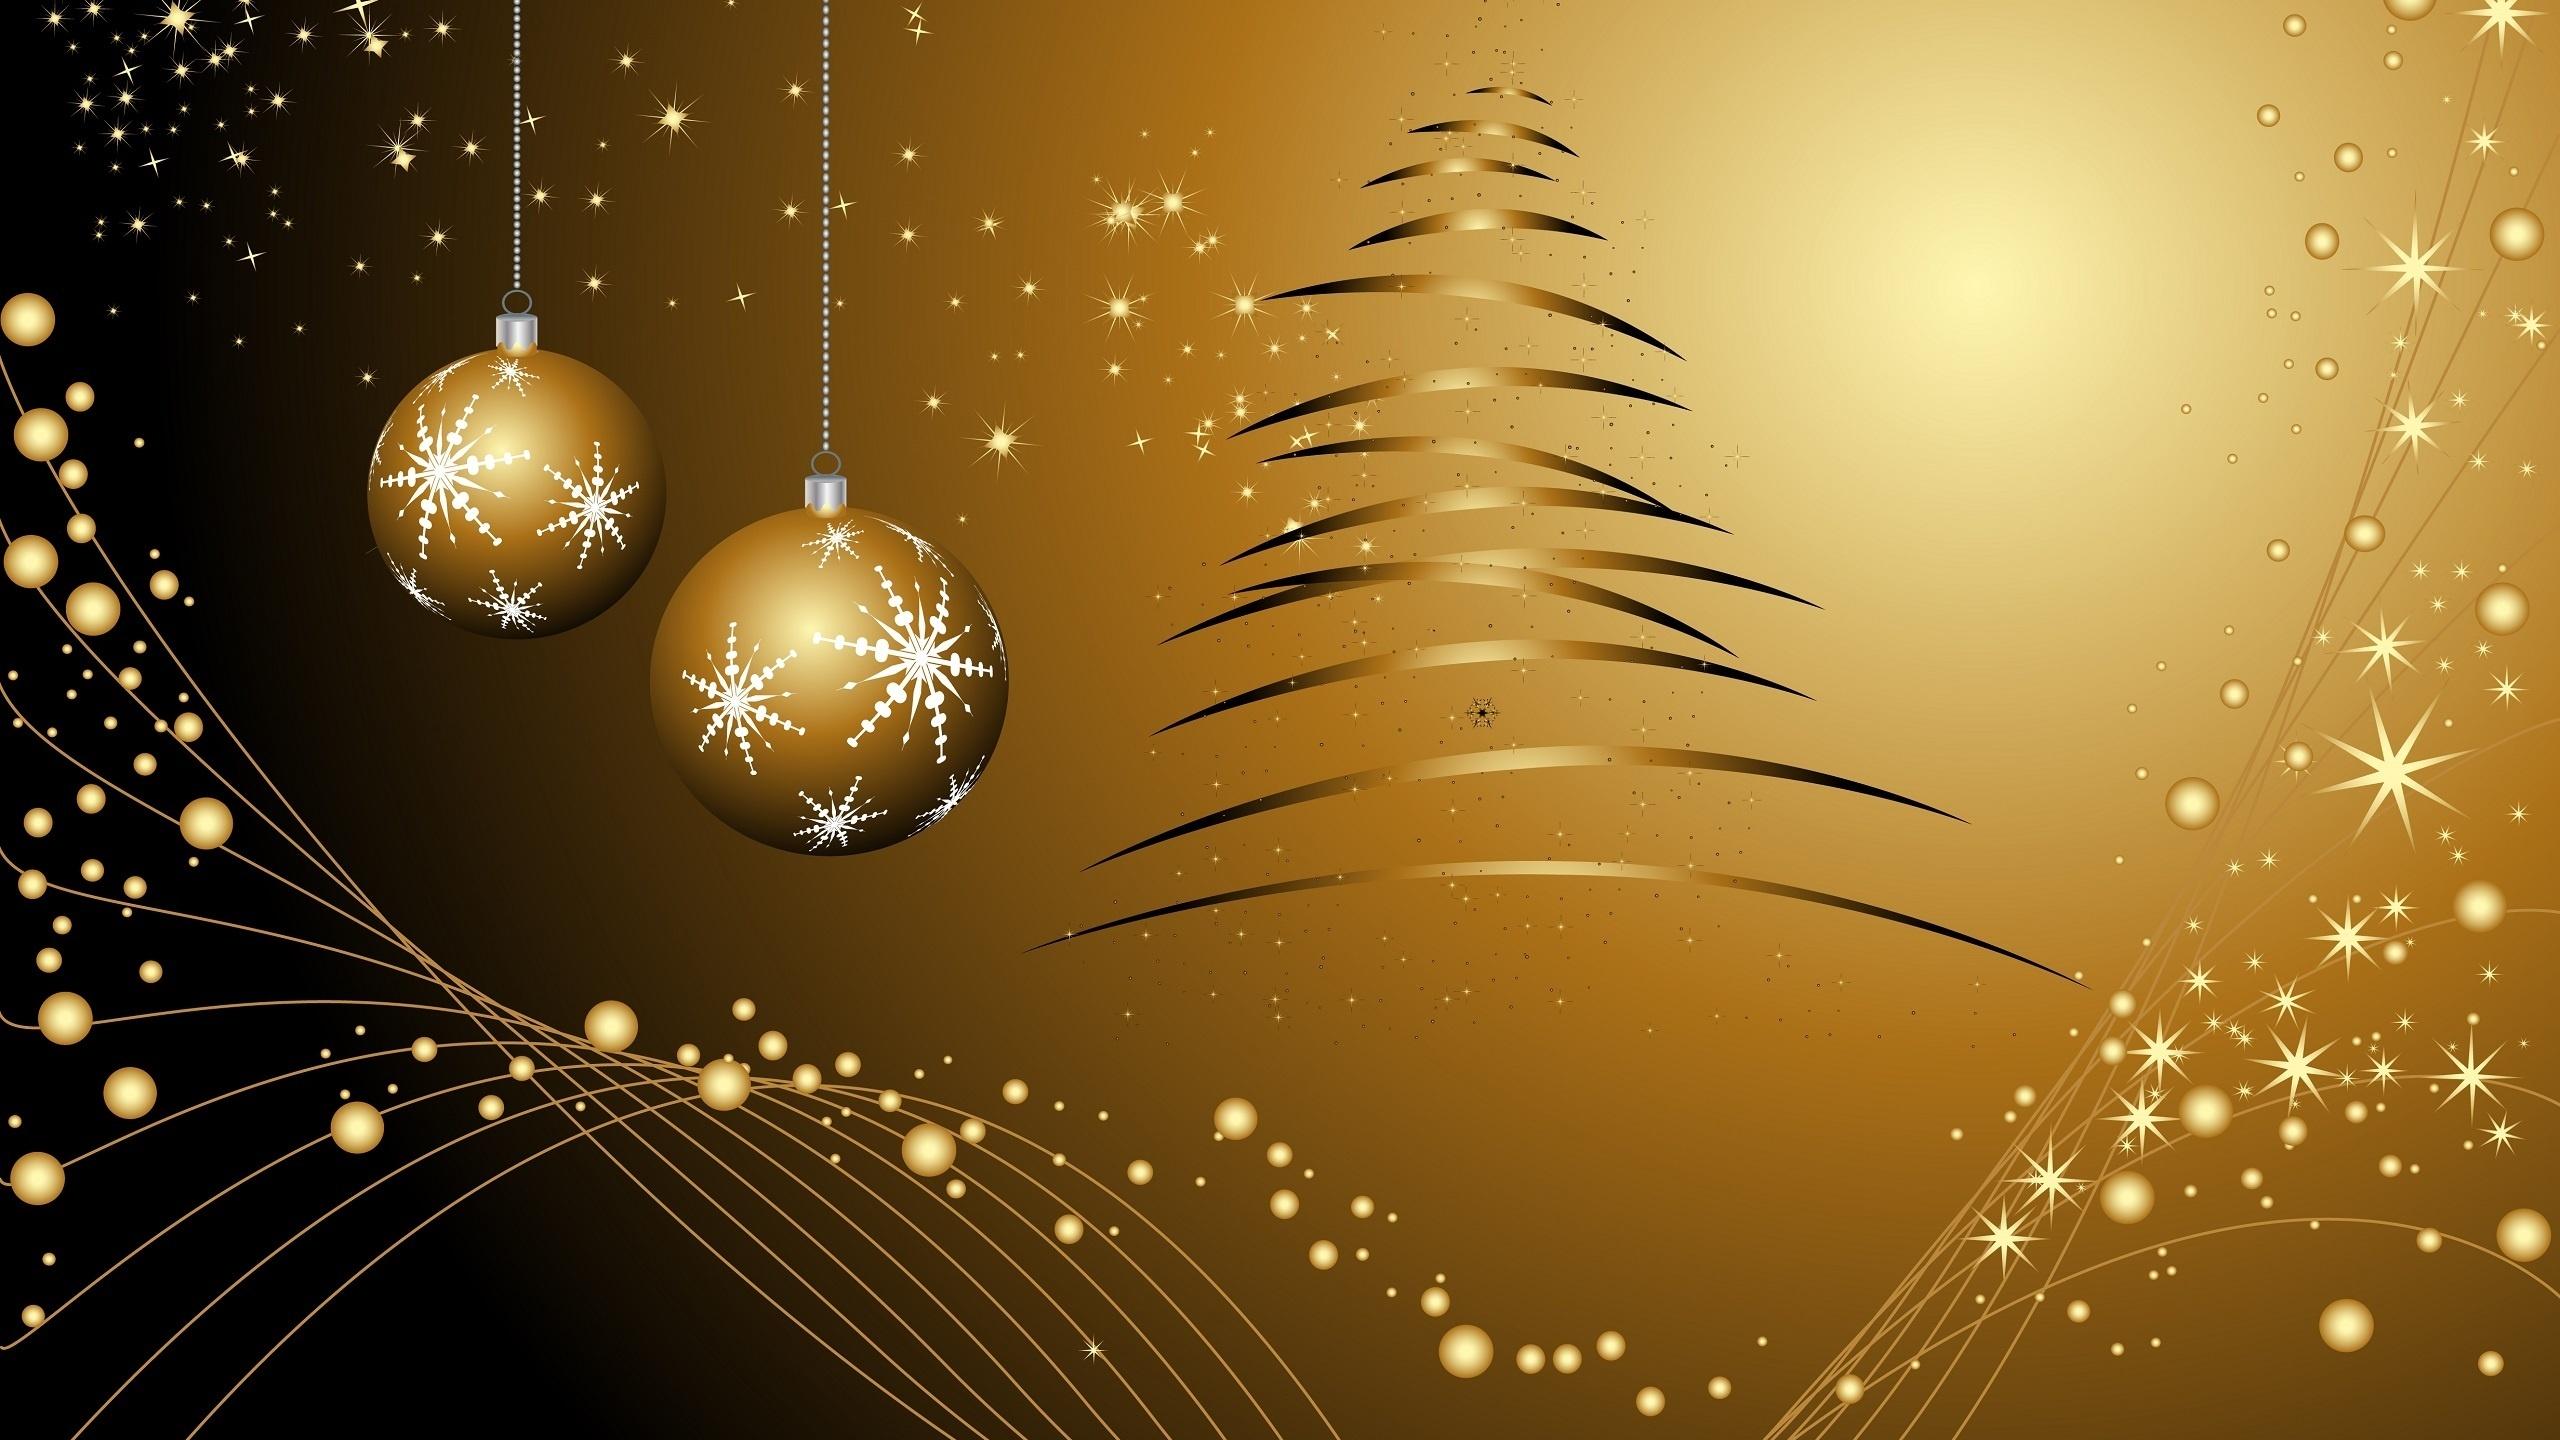 землю с новым годом открытка коричневая костный